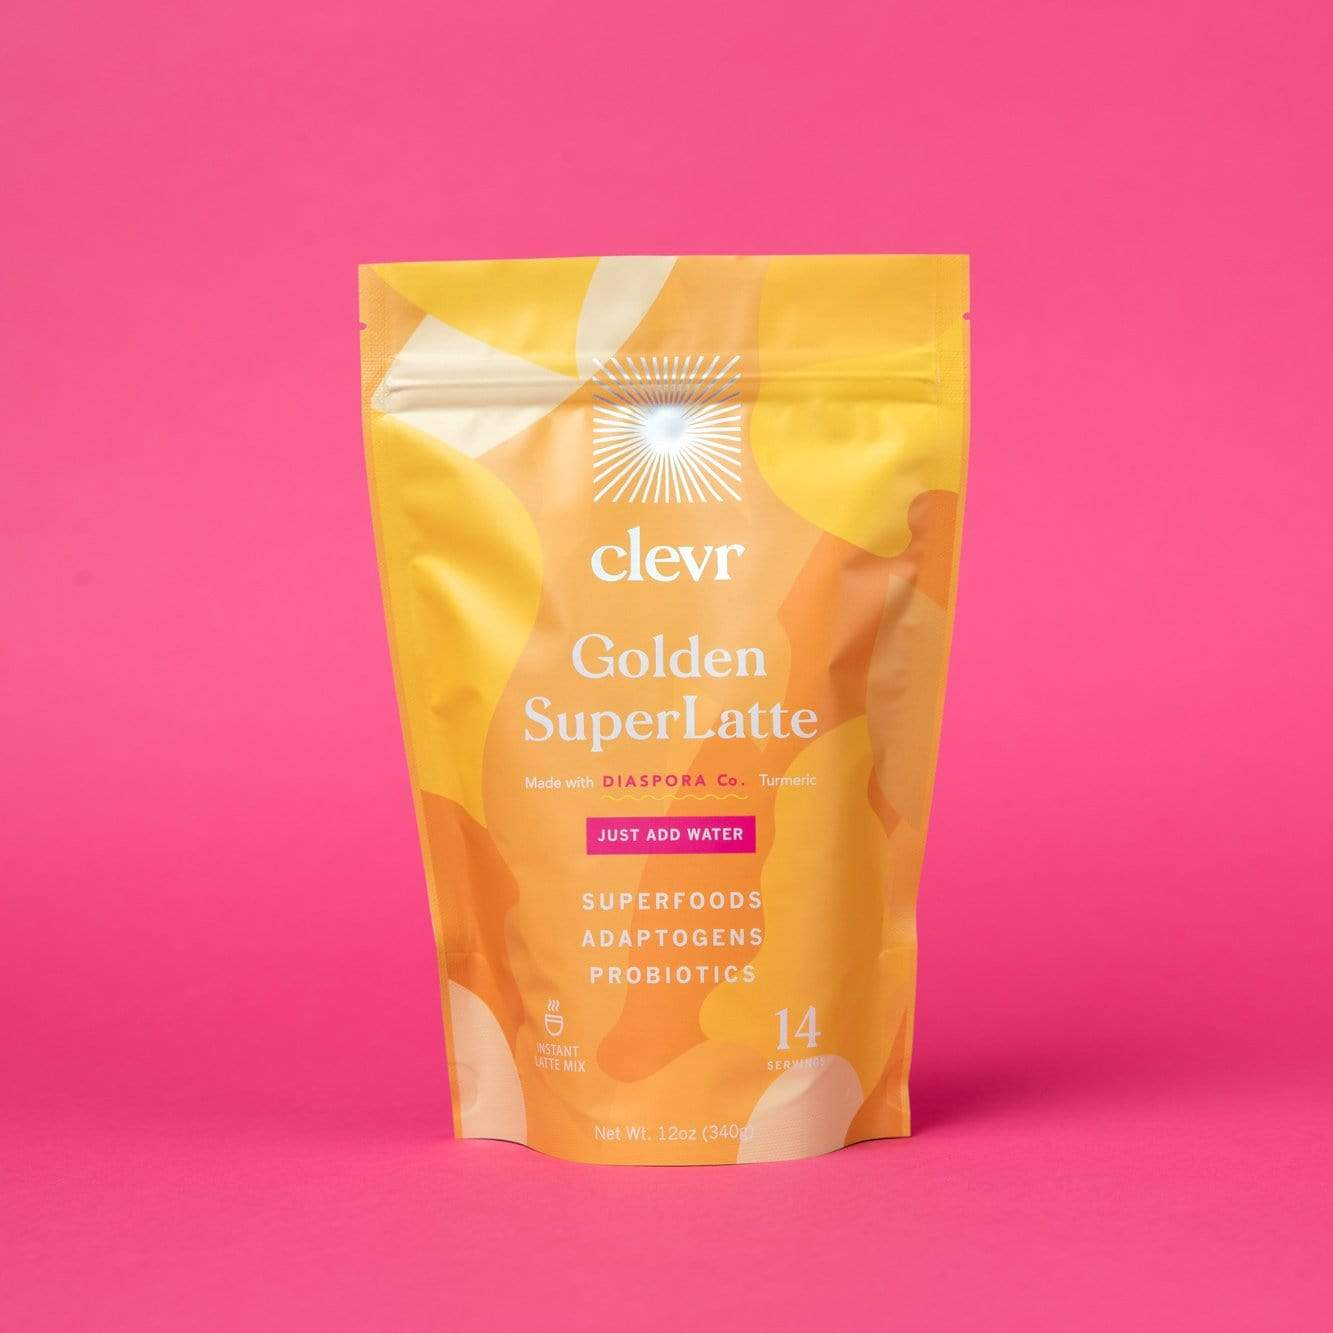 Bulk Golden SuperLatte—60 servings